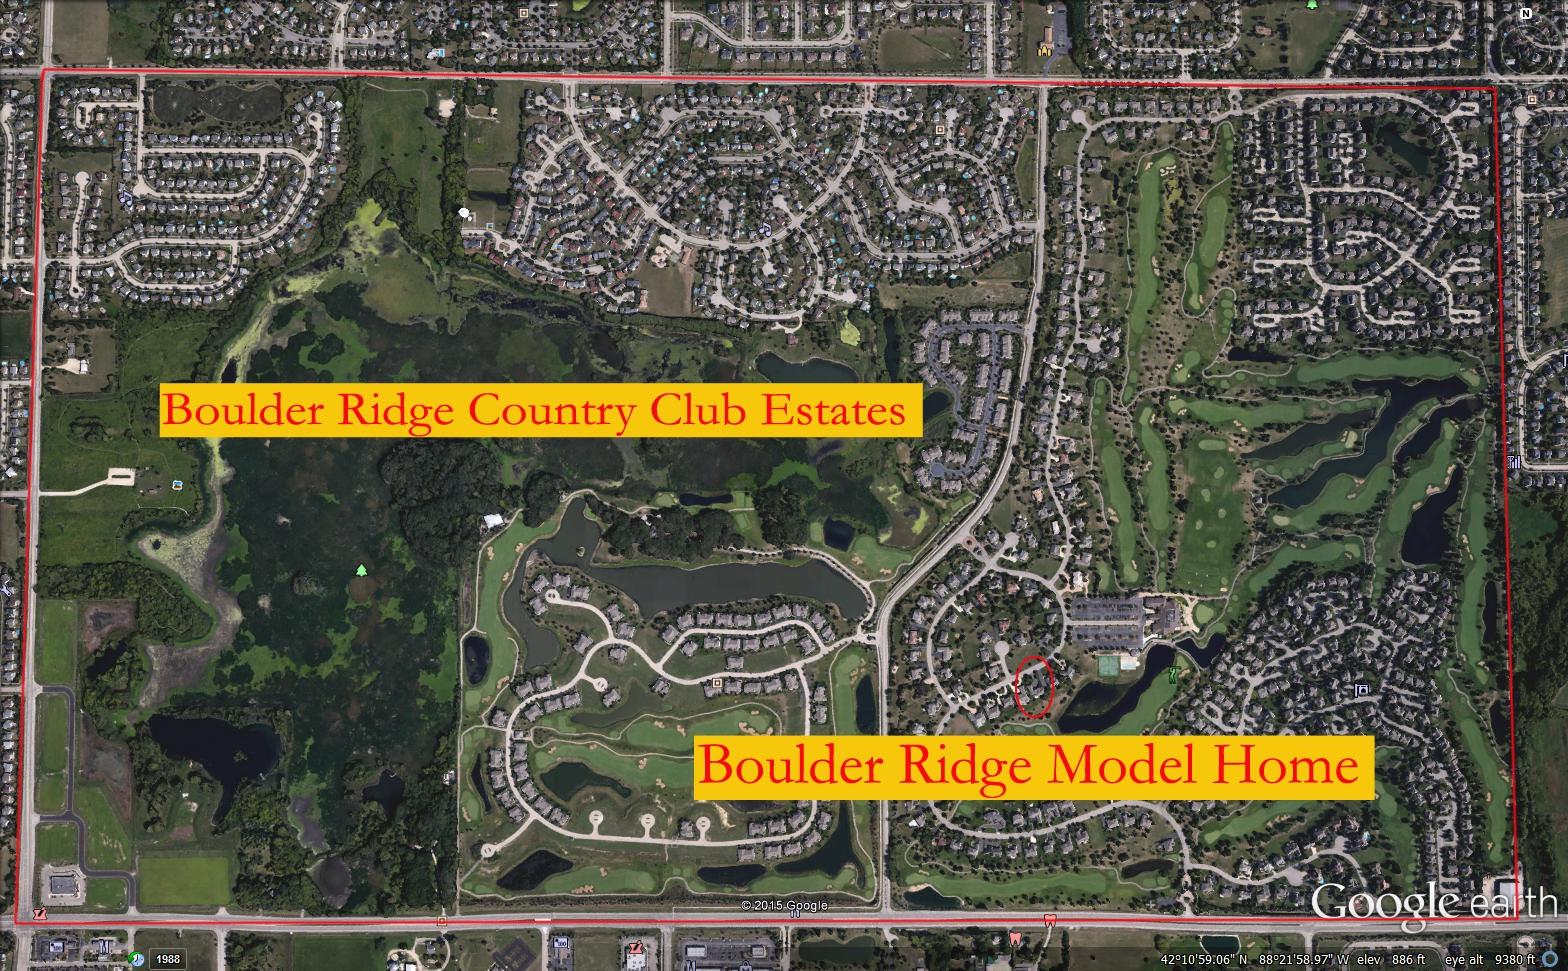 Boulder Ridge Google Image.jpg